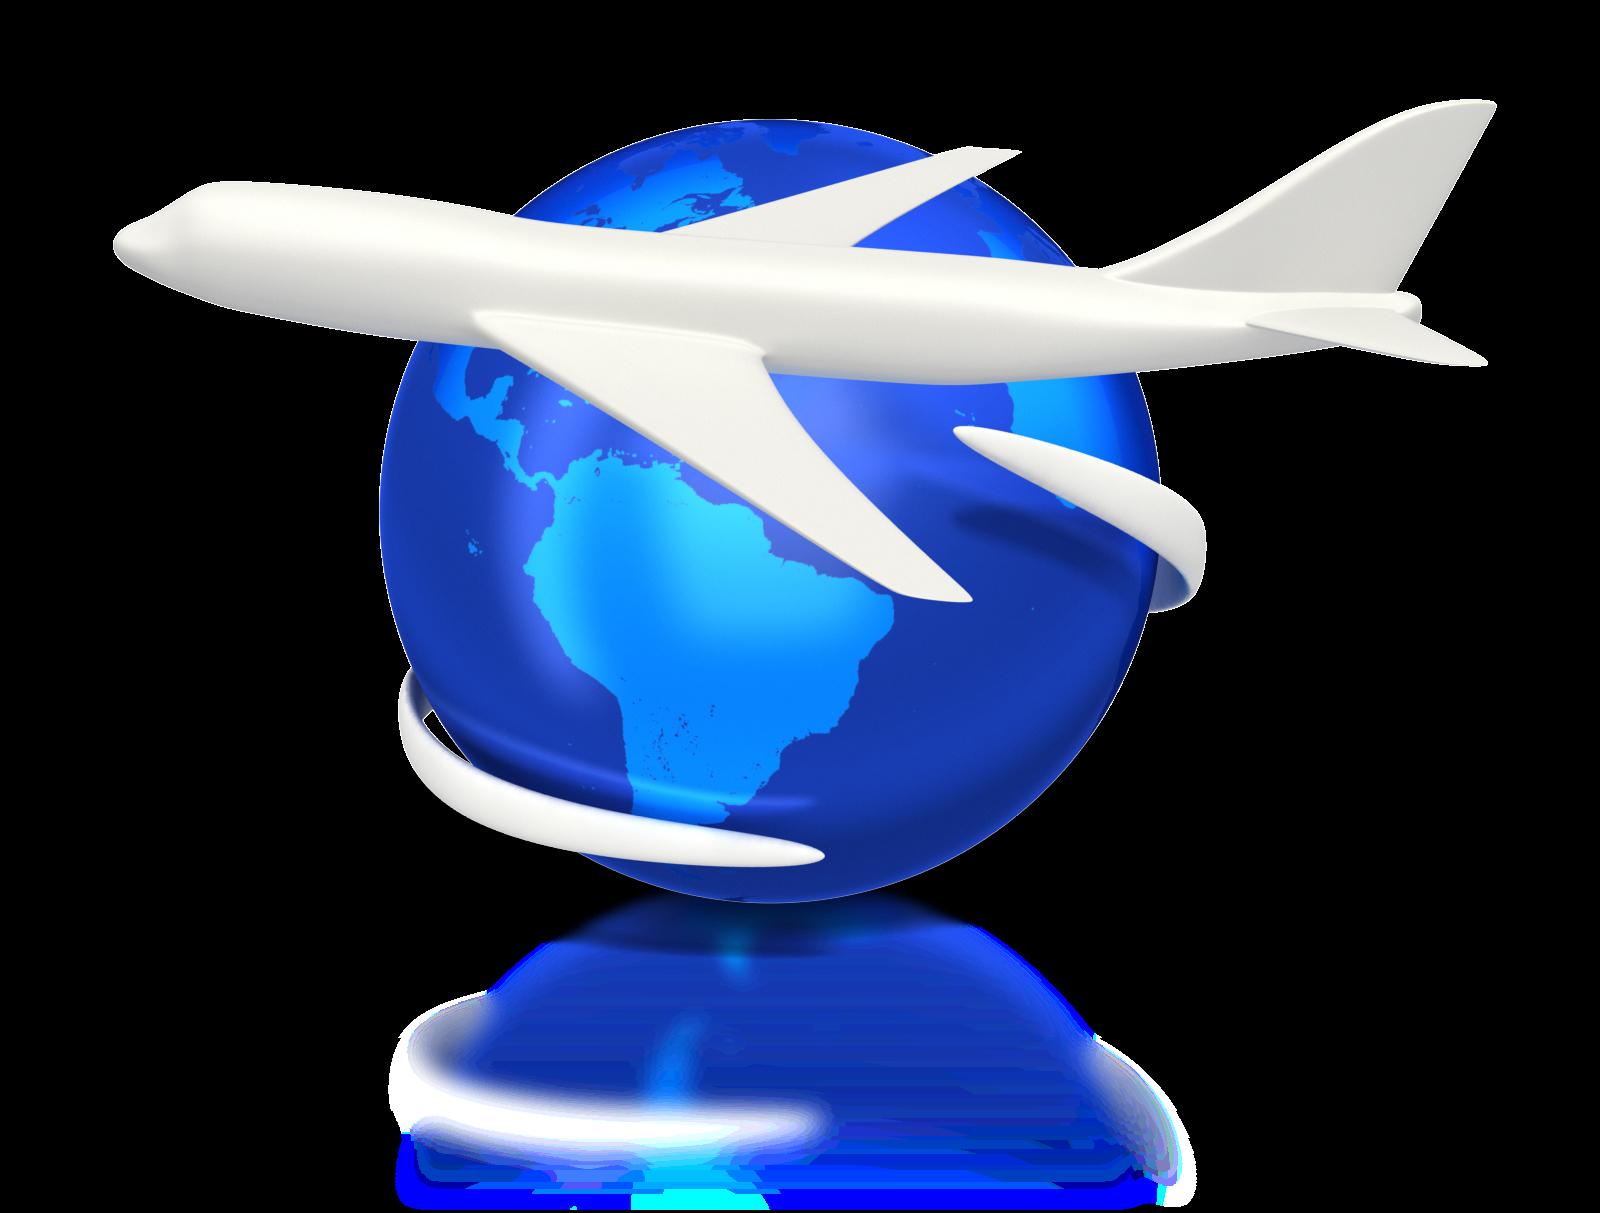 Short-haul Flights Between